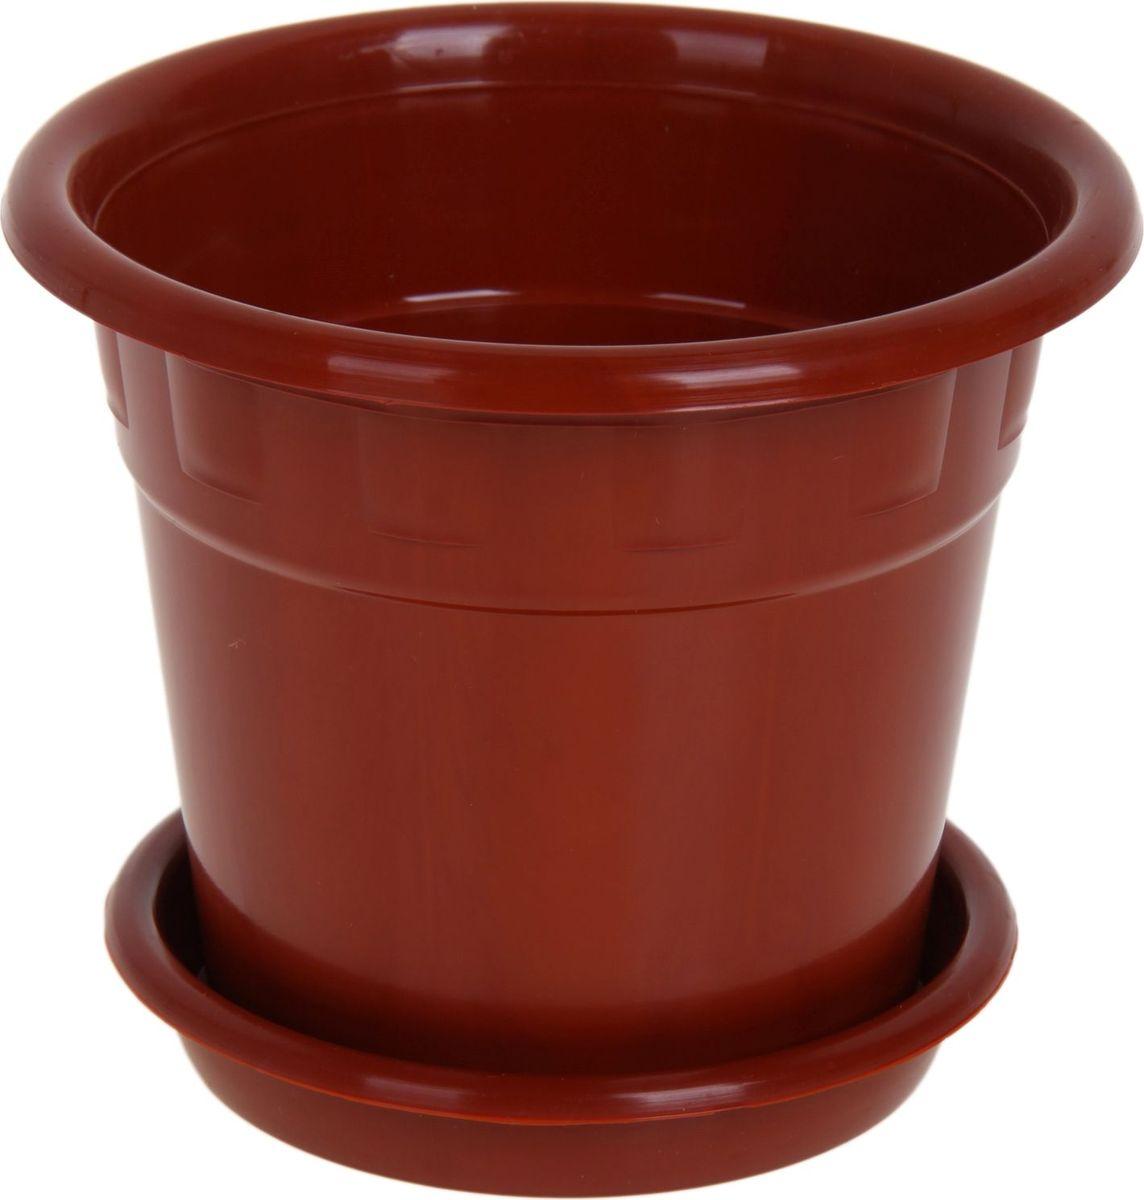 Горшок для цветов Пластик, с поддоном, цвет: коричневый, 1 л531-103Любой, даже самый современный и продуманный интерьер будет не завершённым без растений. Они не только очищают воздух и насыщают его кислородом, но и заметно украшают окружающее пространство. Такому полезному члену семьи просто необходимо красивое и функциональное кашпо, оригинальный горшок или необычная ваза! Мы предлагаем - Горшок для цветов с поддоном 1 л, цвет коричневый! Оптимальный выбор материала пластмасса! Почему мы так считаем? -Малый вес. С лёгкостью переносите горшки и кашпо с места на место, ставьте их на столики или полки, подвешивайте под потолок, не беспокоясь о нагрузке. -Простота ухода. Пластиковые изделия не нуждаются в специальных условиях хранения. Их легко чистить достаточно просто сполоснуть тёплой водой. -Никаких царапин. Пластиковые кашпо не царапают и не загрязняют поверхности, на которых стоят. -Пластик дольше хранит влагу, а значит растение реже нуждается в поливе. -Пластмасса не пропускает воздух корневой системе растения не грозят резкие перепады температур. -Огромный выбор форм, декора и расцветок вы без труда подберёте что-то, что идеально впишется в уже существующий интерьер. Соблюдая нехитрые правила ухода, вы можете заметно продлить срок службы горшков, вазонов и кашпо из пластика: -всегда учитывайте размер кроны и корневой системы растения (при разрастании большое растение способно повредить маленький горшок)-берегите изделие от воздействия прямых солнечных лучей, чтобы кашпо и горшки не выцветали-держите кашпо и горшки из пластика подальше от нагревающихся поверхностей. Создавайте прекрасные цветочные композиции, выращивайте рассаду или необычные растения, а низкие цены позволят вам не ограничивать себя в выборе.